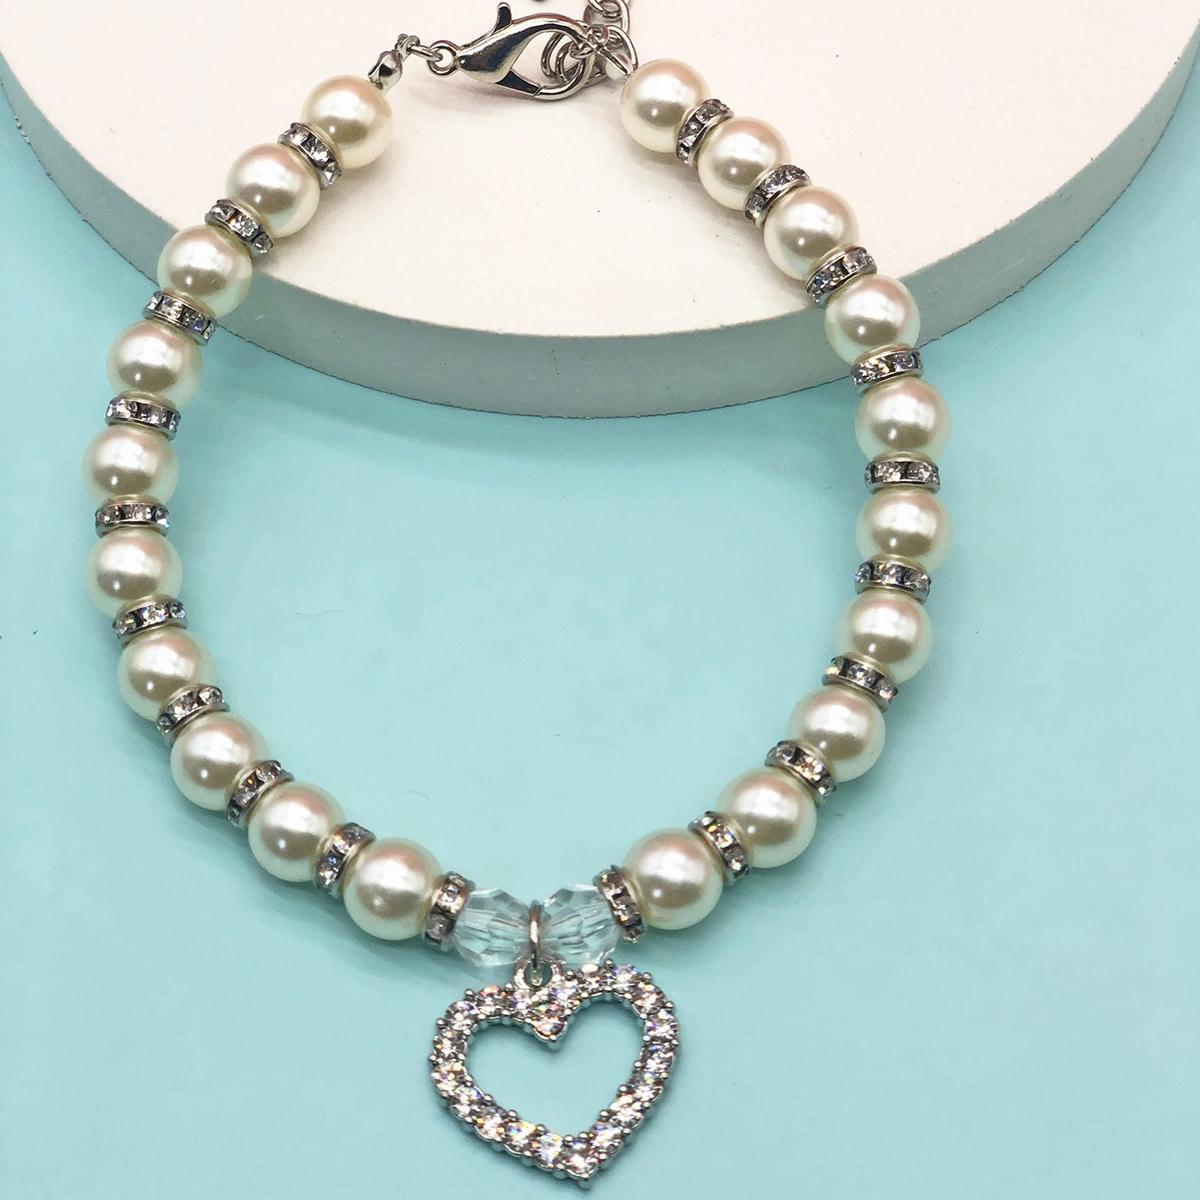 1 Stück Hundehalsband mit Strass und Perlen